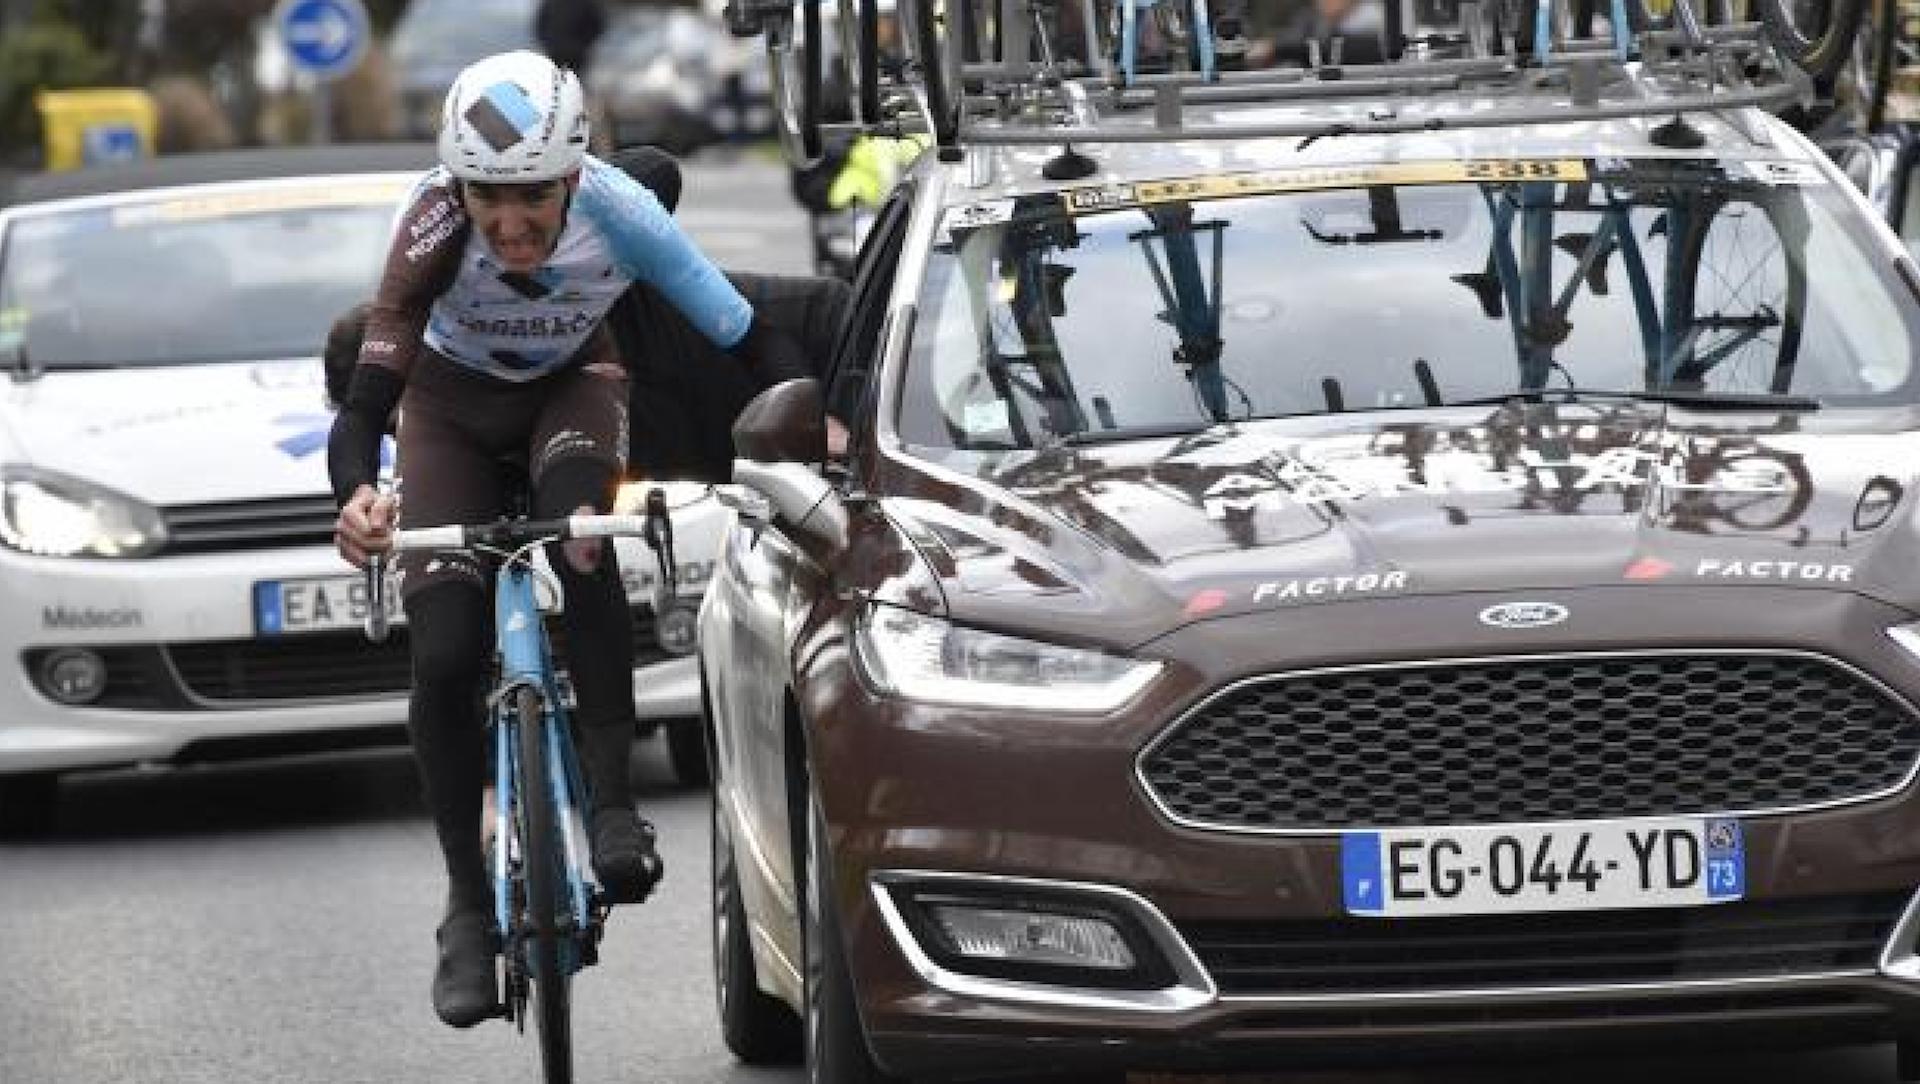 Comment peut-on se faire exclure d'une course cycliste?